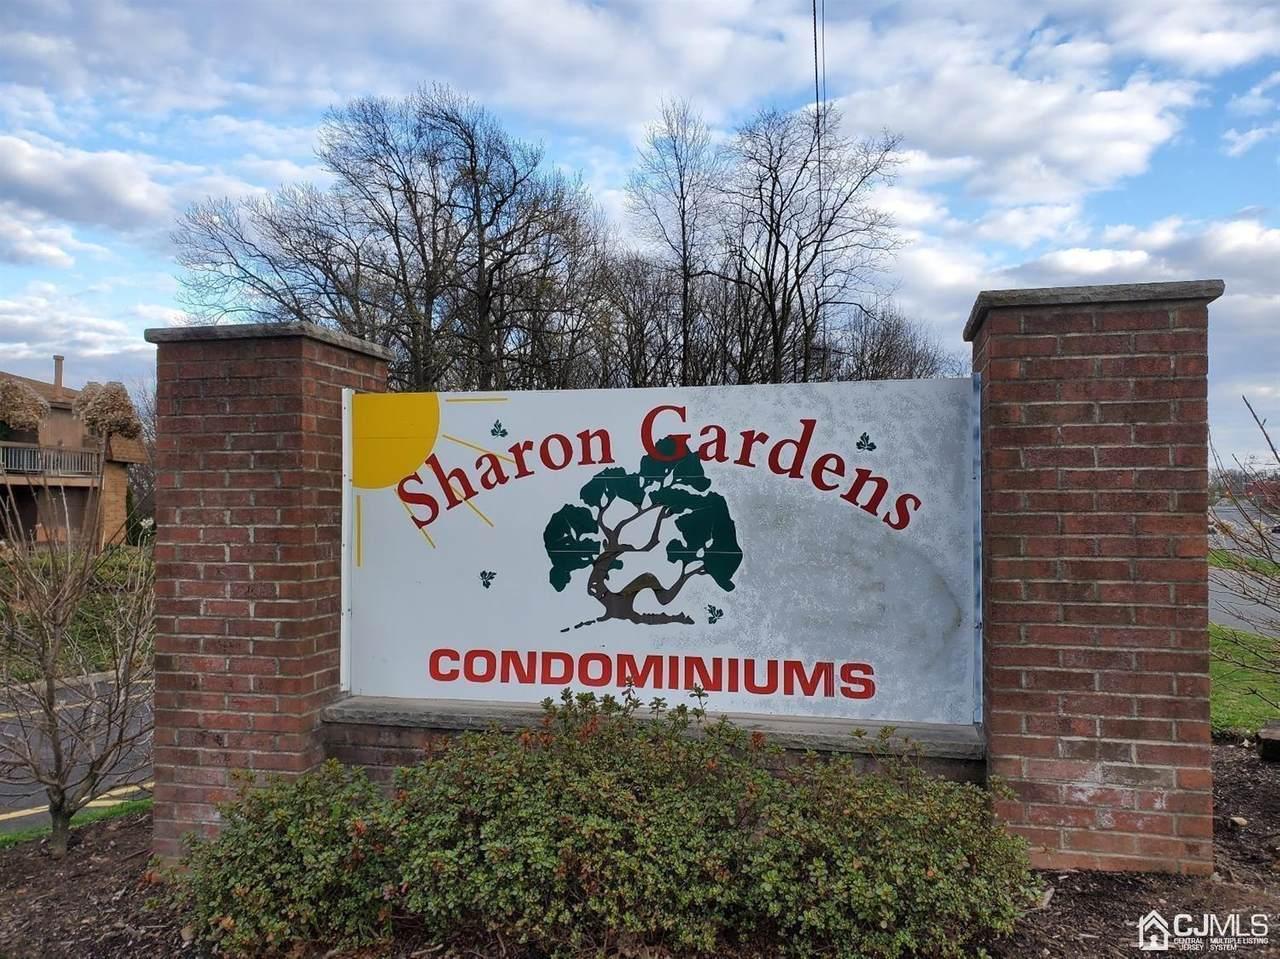 325 Sharon Garden Court - Photo 1